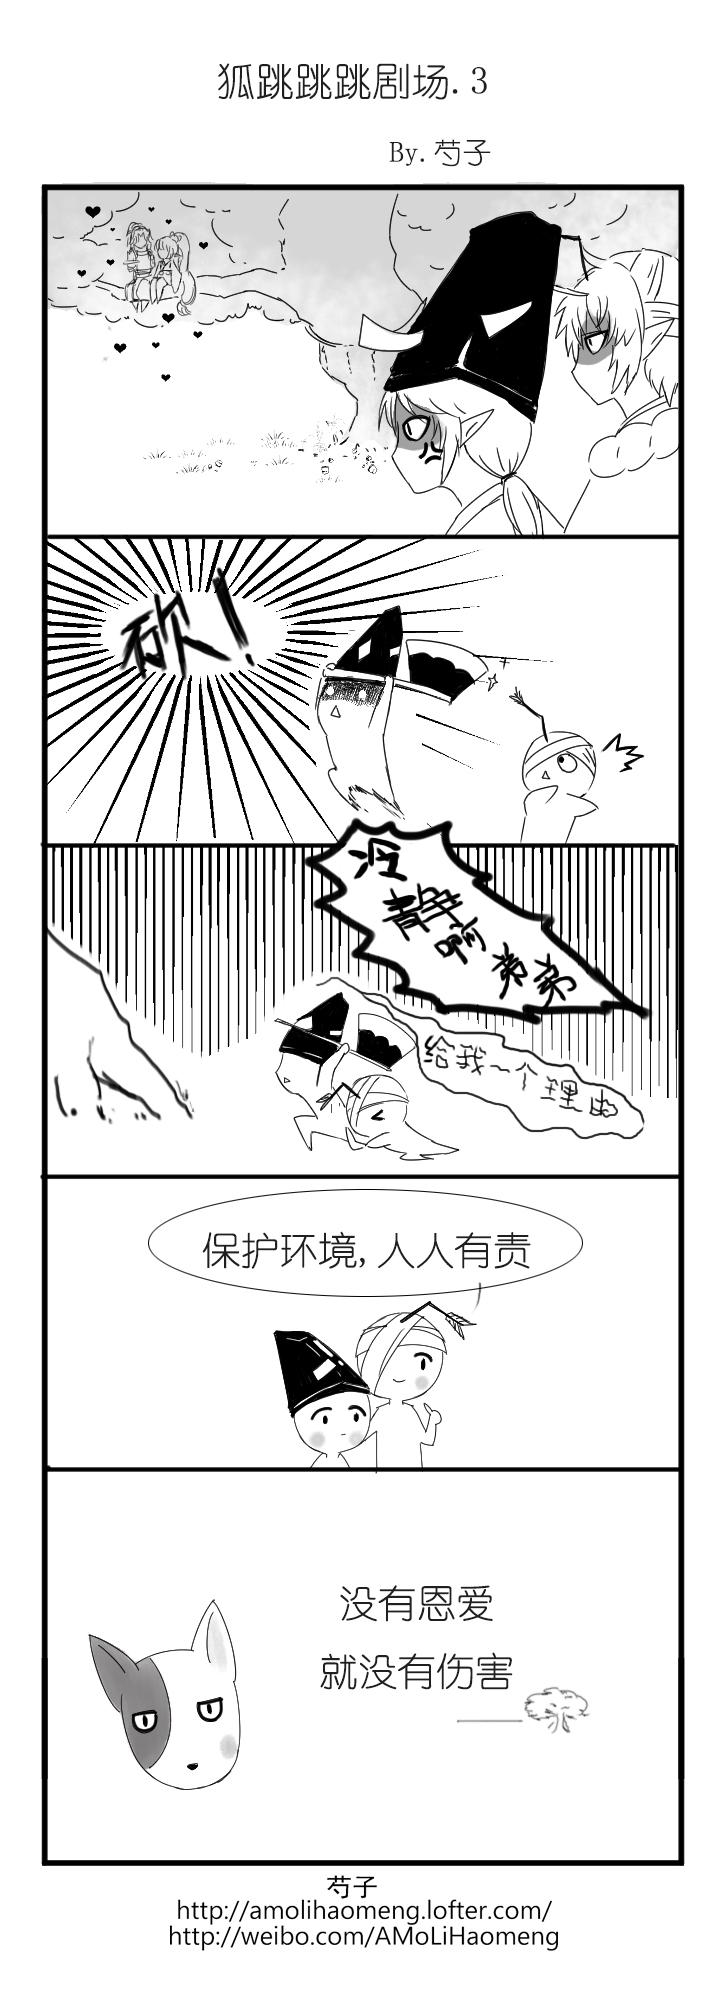 跳跳妹妹2018-4-17樱花树剧场.jpg